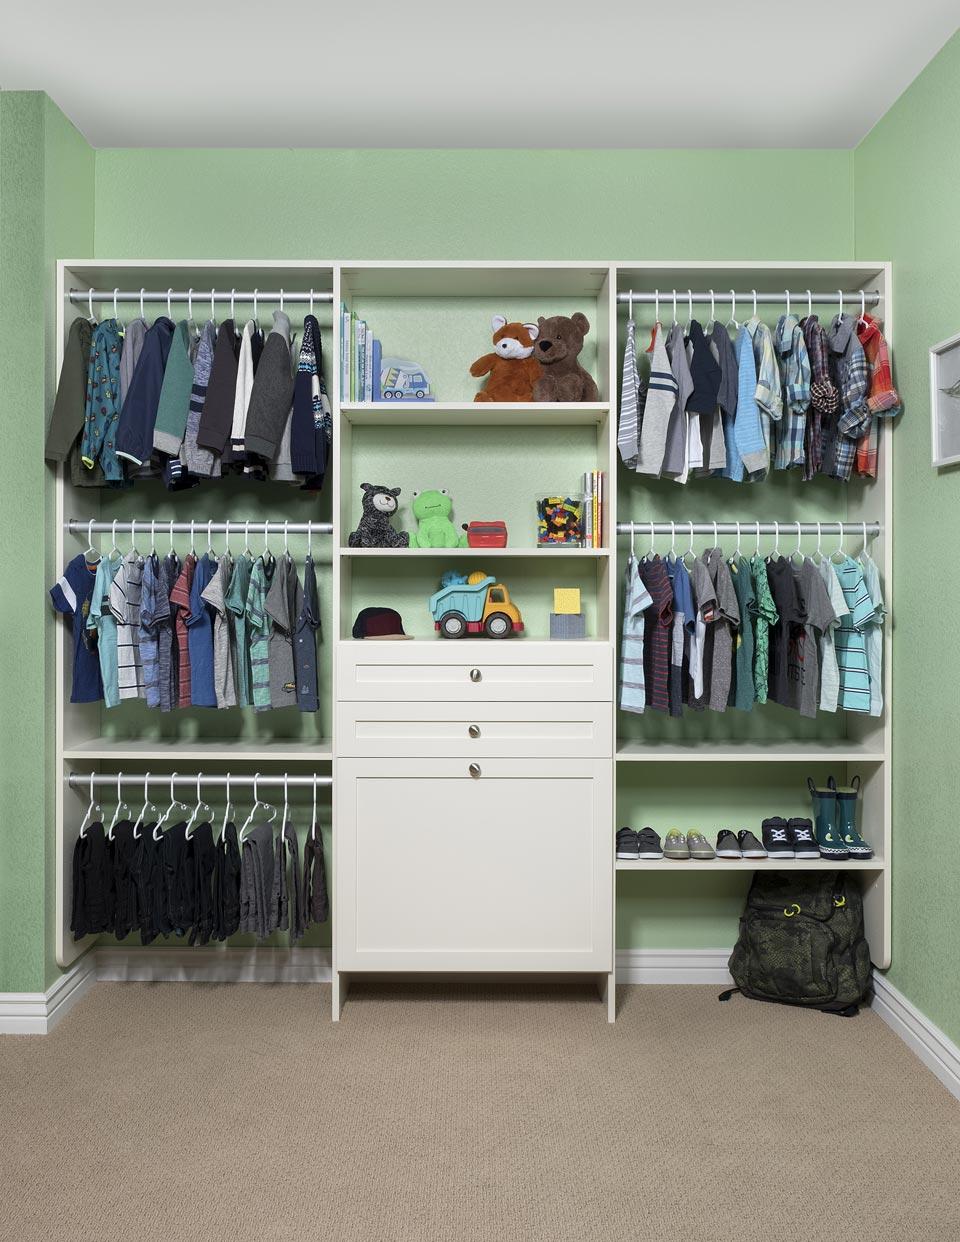 ppi dorm closets ma boston charming closet blog college custom